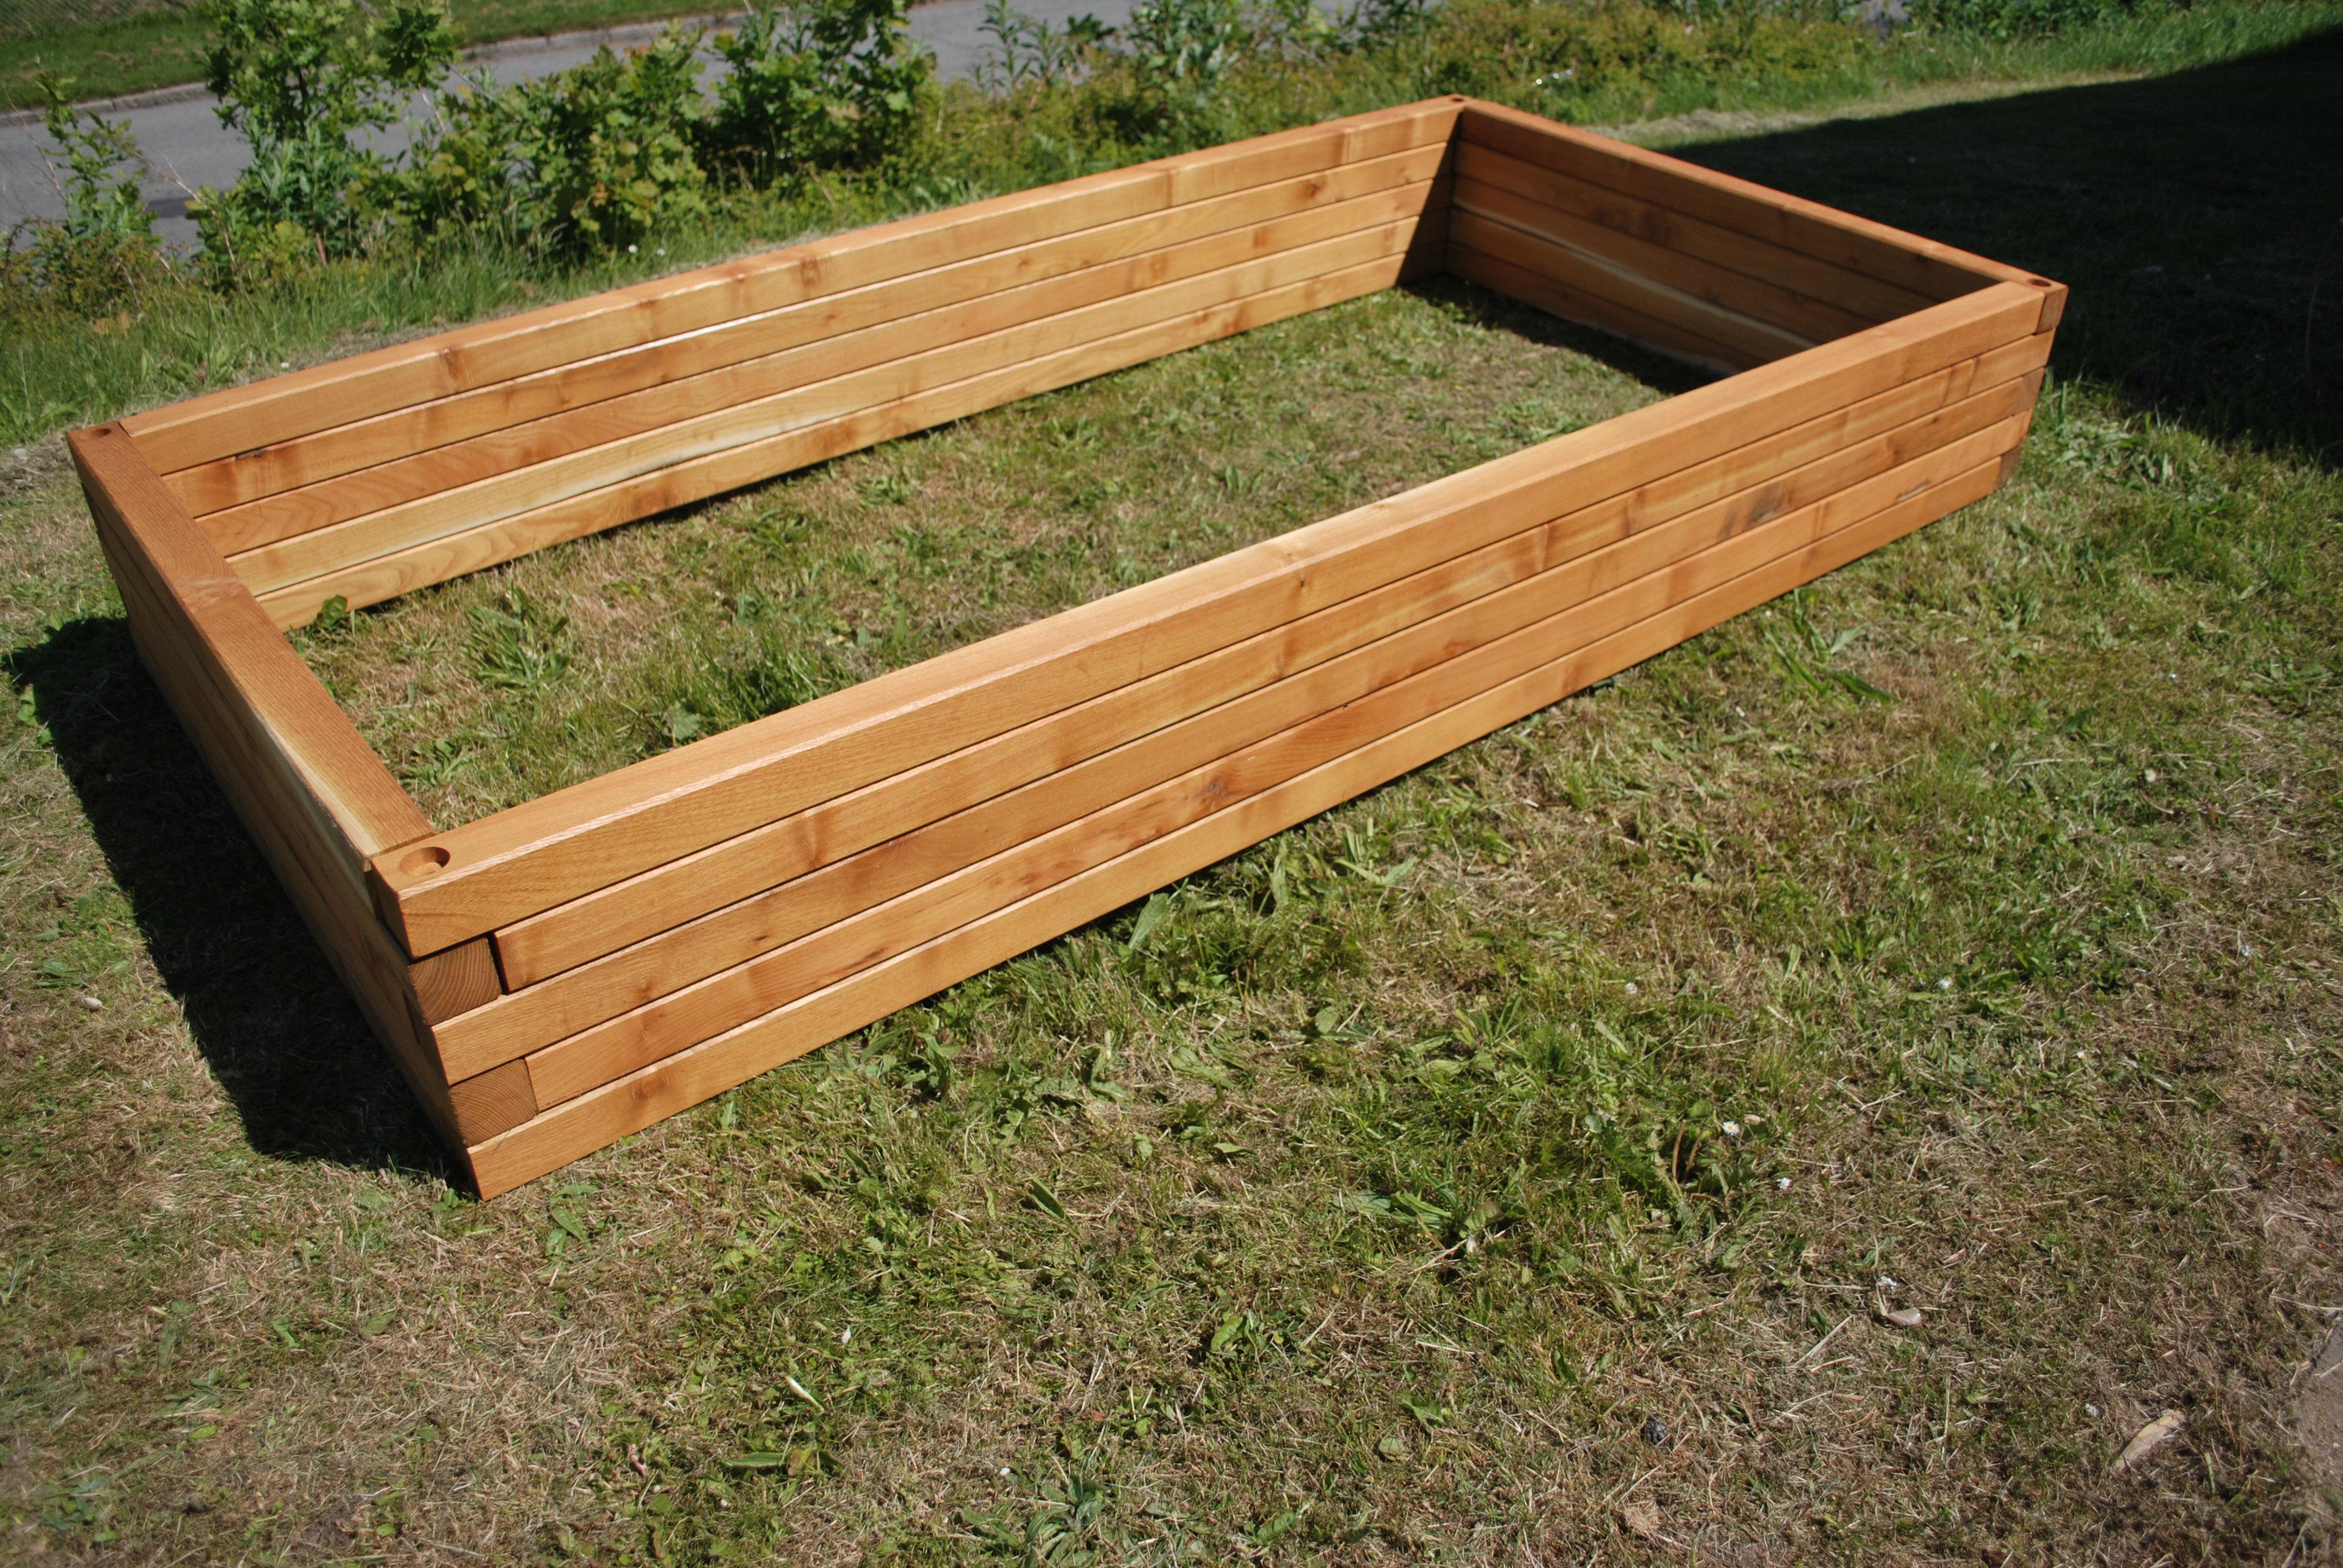 hochbeet blummenk sten og tr ge in robinienholz. Black Bedroom Furniture Sets. Home Design Ideas